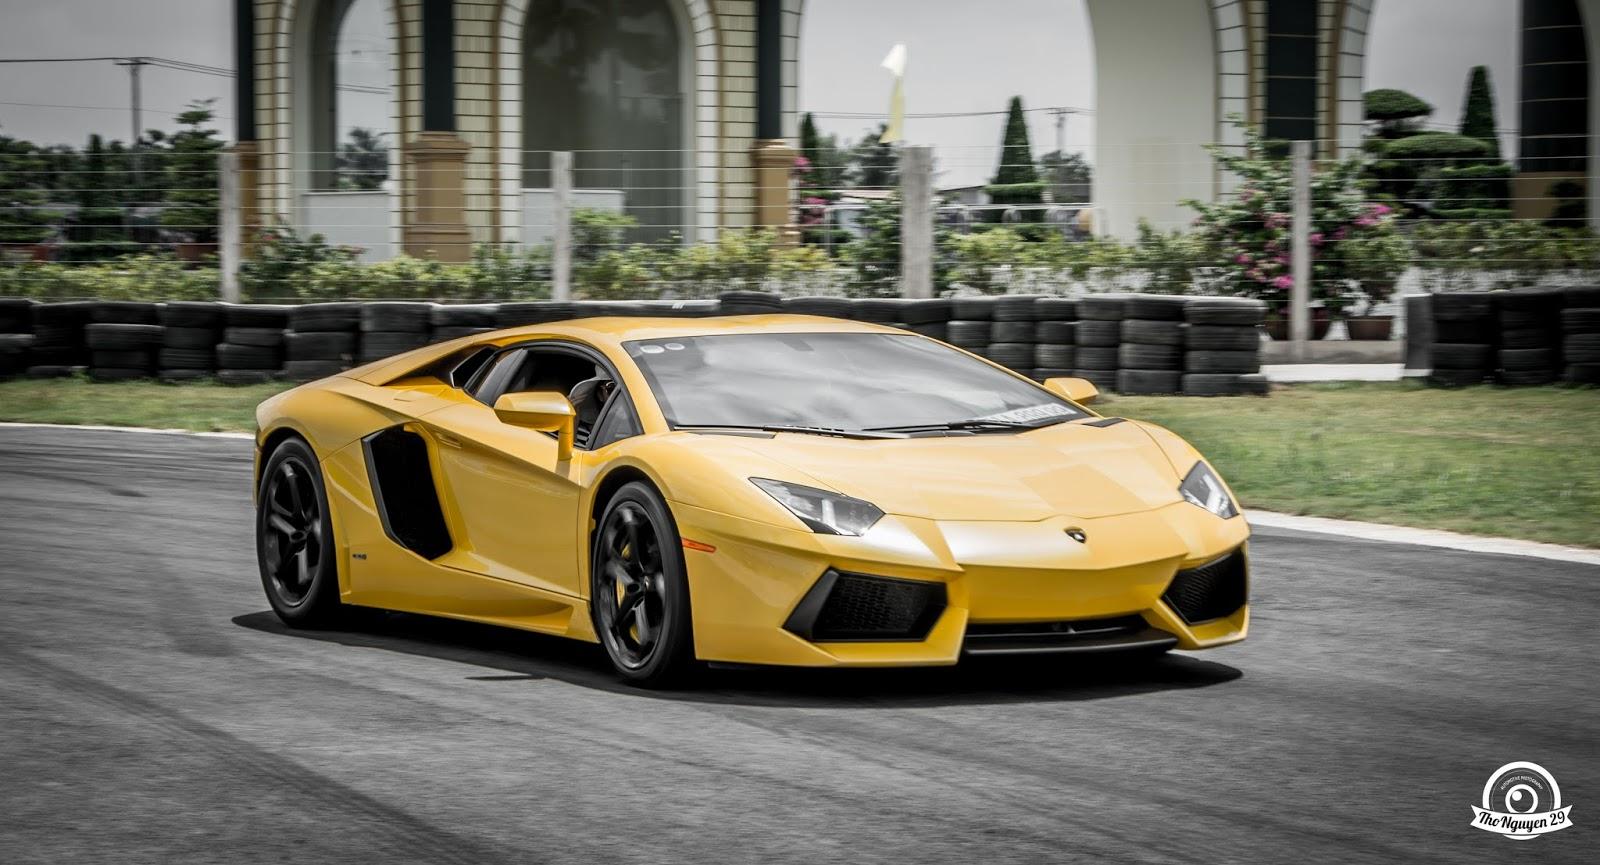 Lamborghini Aventador mới đi bảo dưỡng ở Hà Nội mới về đã quay trở lại...đua